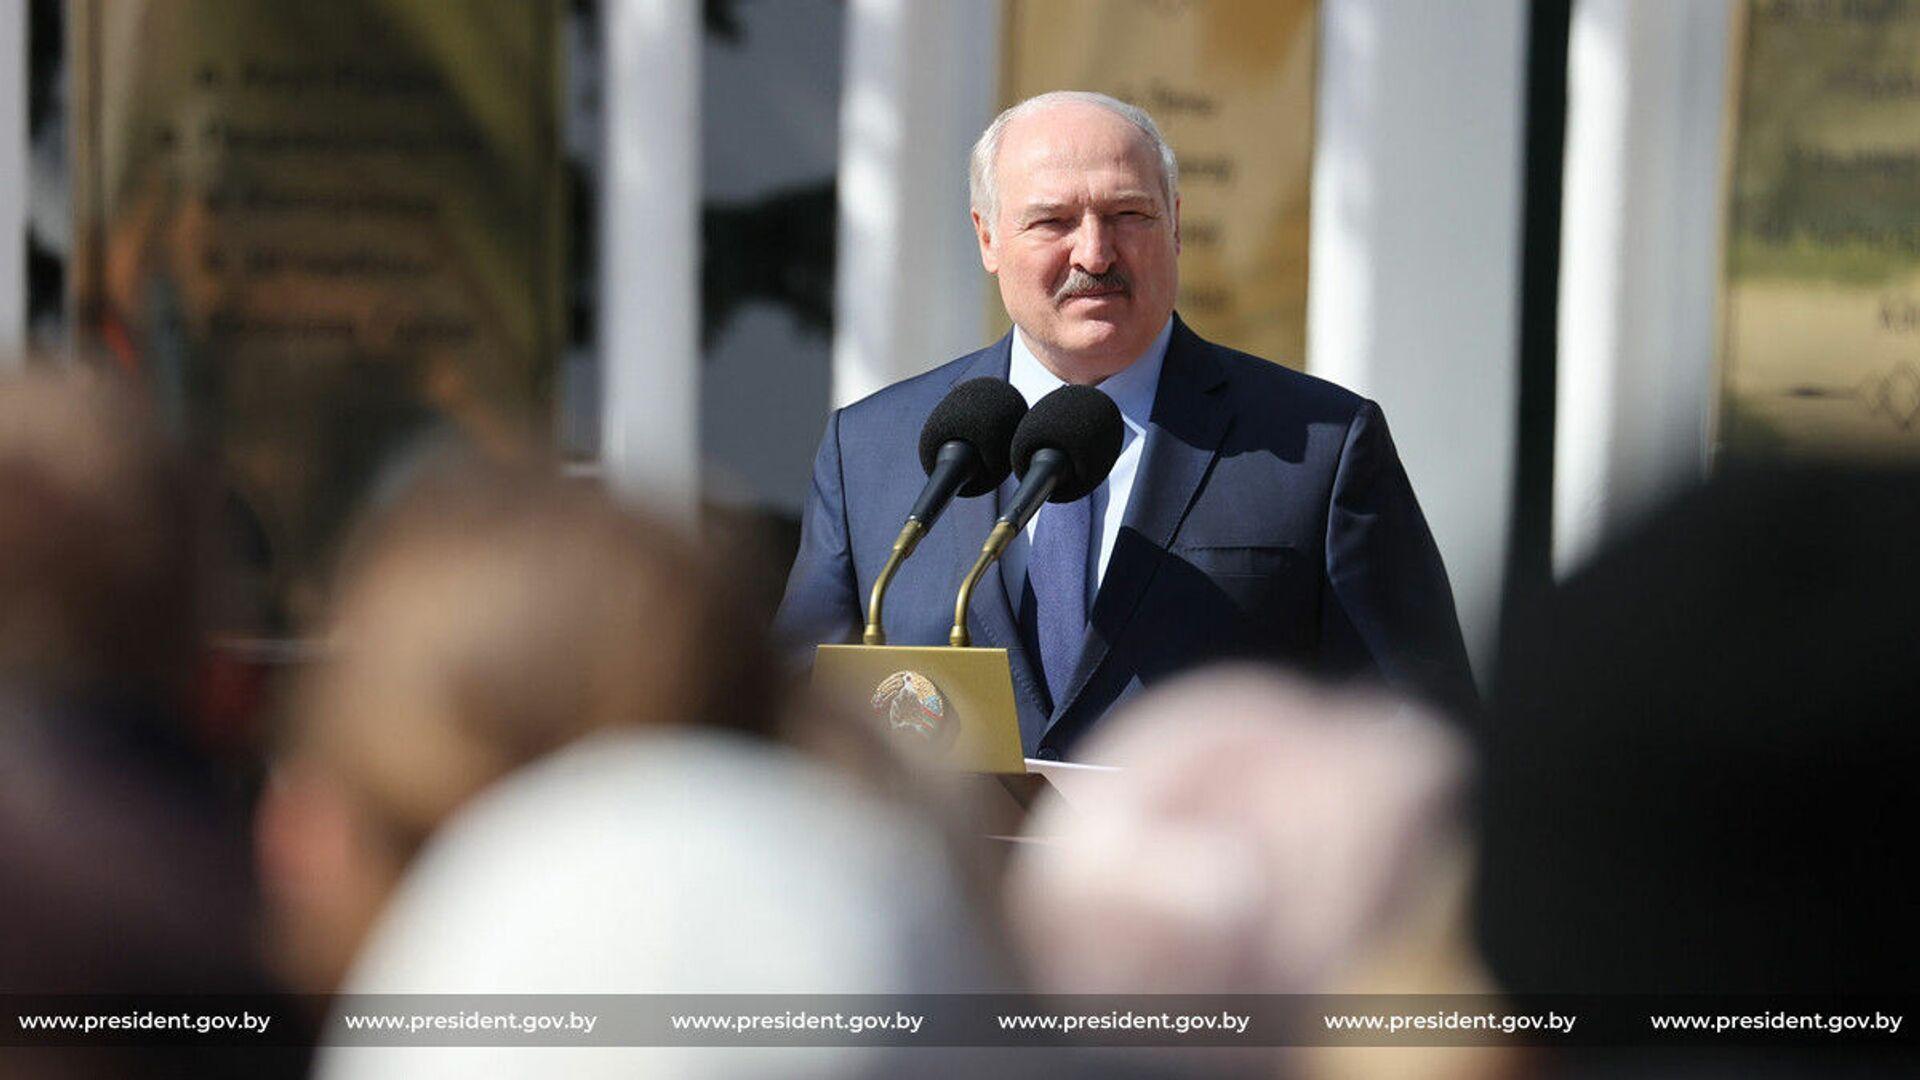 Prezydent Białorusi Aleksandr Łukaszenka. - Sputnik Polska, 1920, 17.06.2021